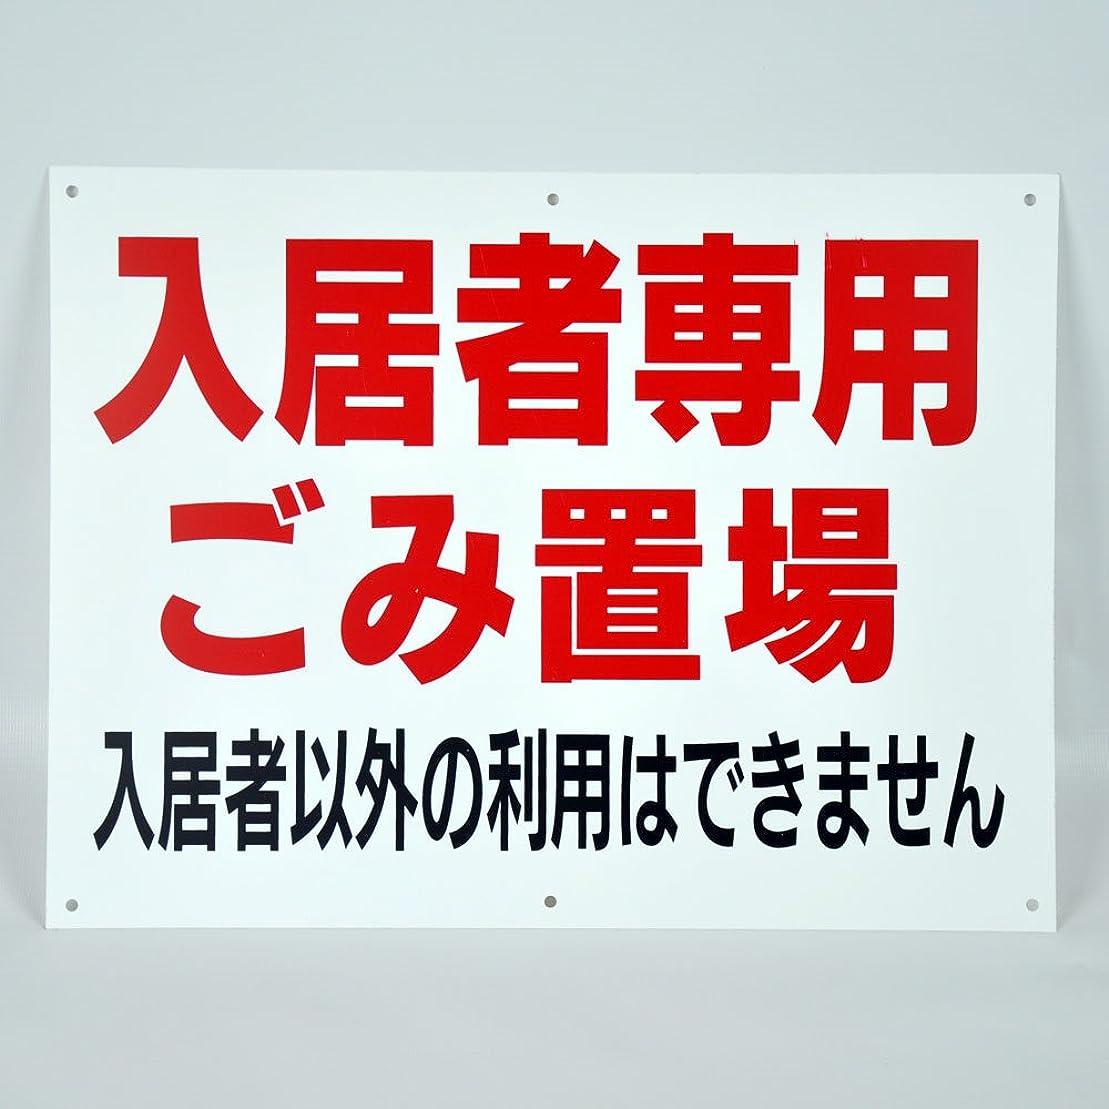 「入居者 専用 ごみ置場」パネル看板 幅40cm×高さ30cm ごみ置場看板